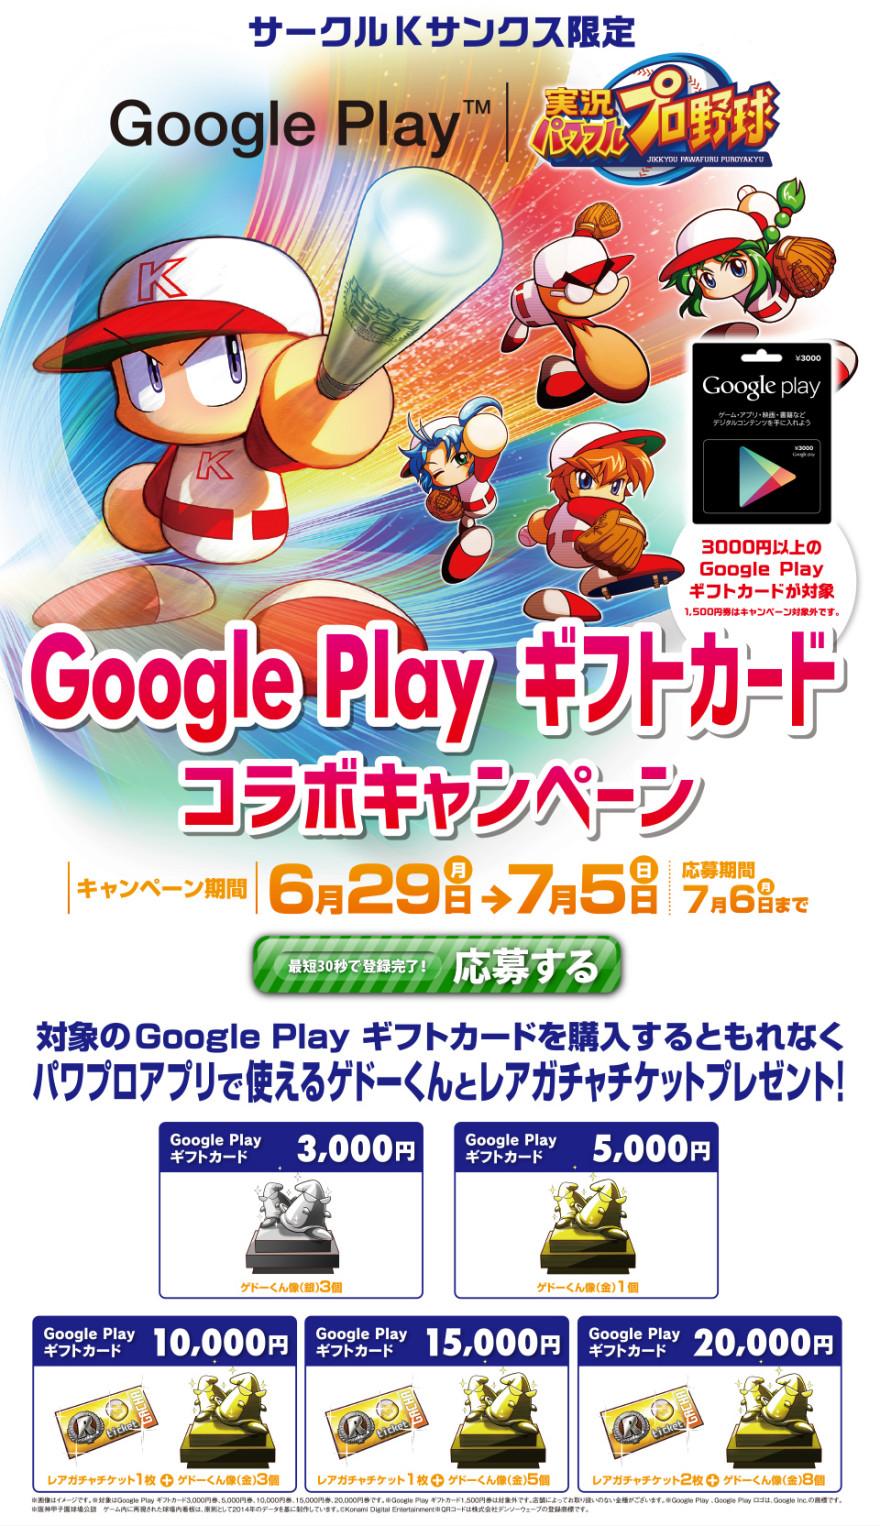 サークルK・サンクス限定 Google Play ギフトカード 実況パワフル プロ野球 コラボキャンペーン スタートのお知らせ